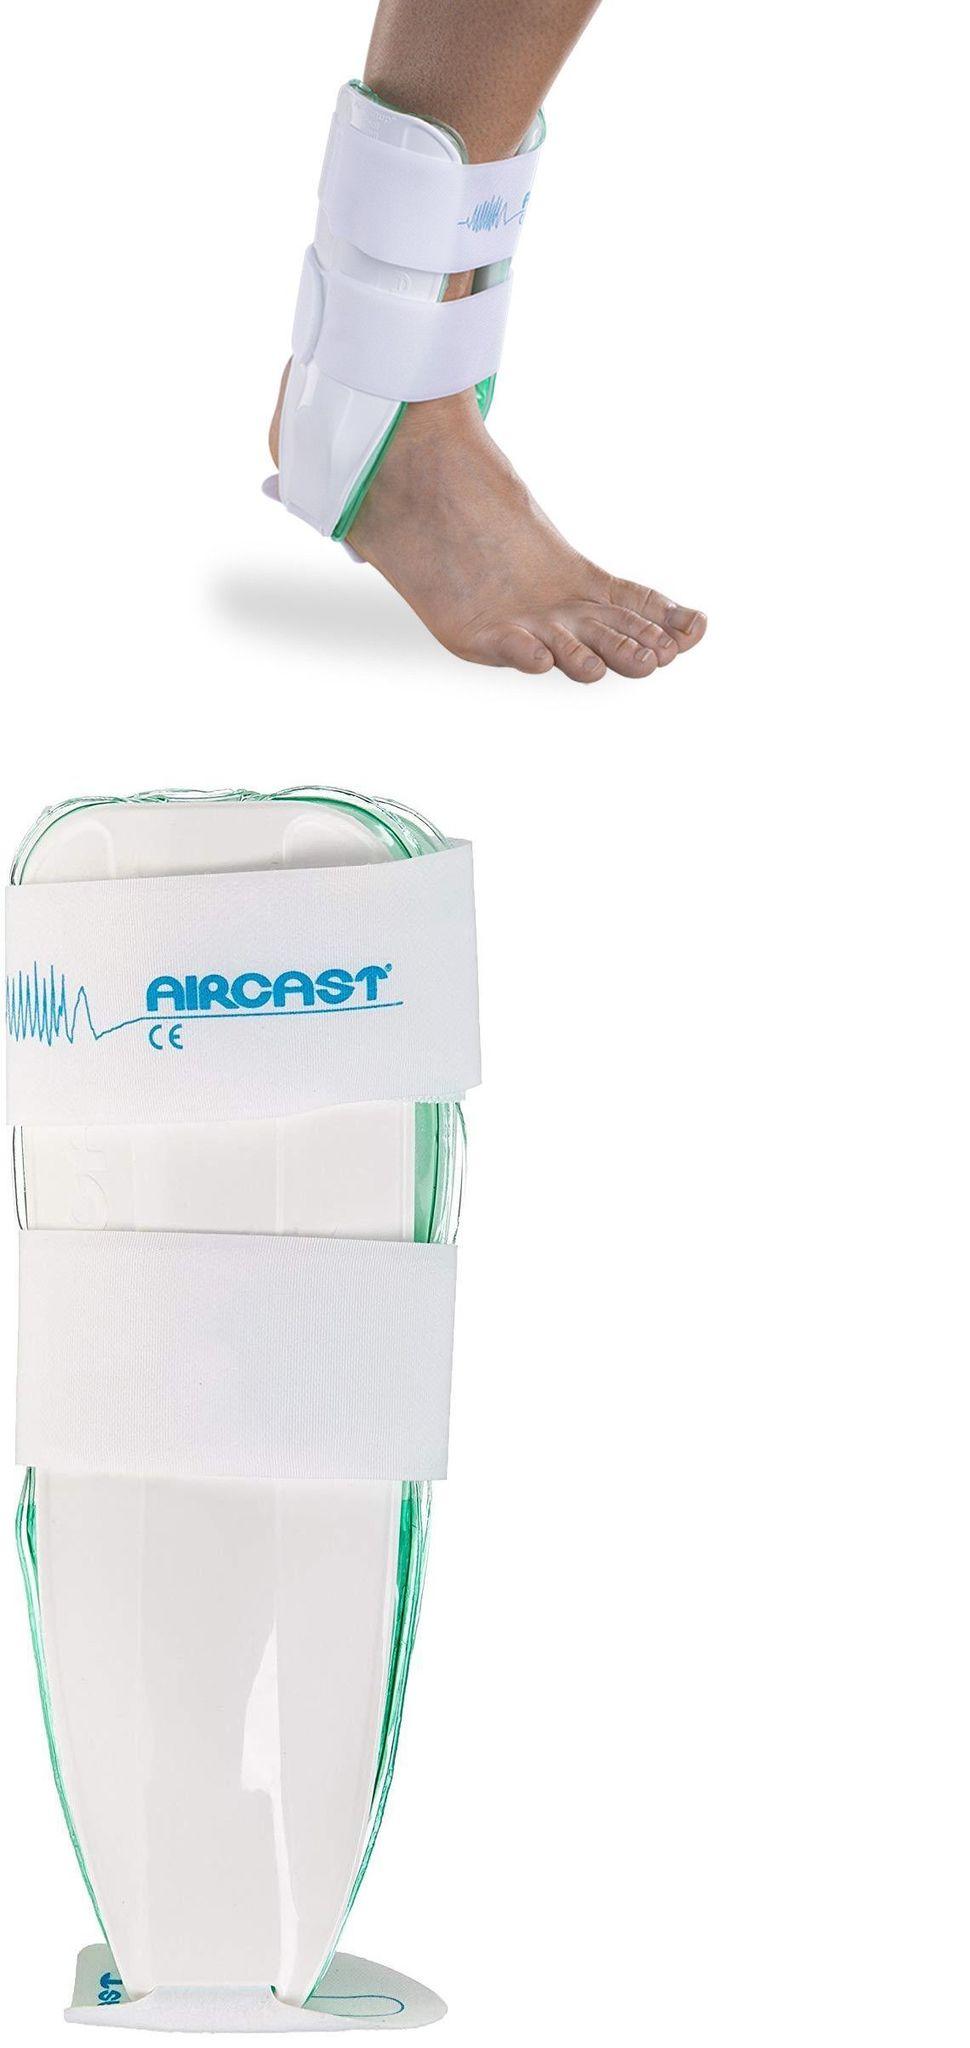 Голеностоп и икроножная мышца Тутор для голеностопного сустава  с дополнительной передней панелью AIRCAST Leg brace 3d6538ceb9fd1b2d1e76ff9530e8cc9e.jpg